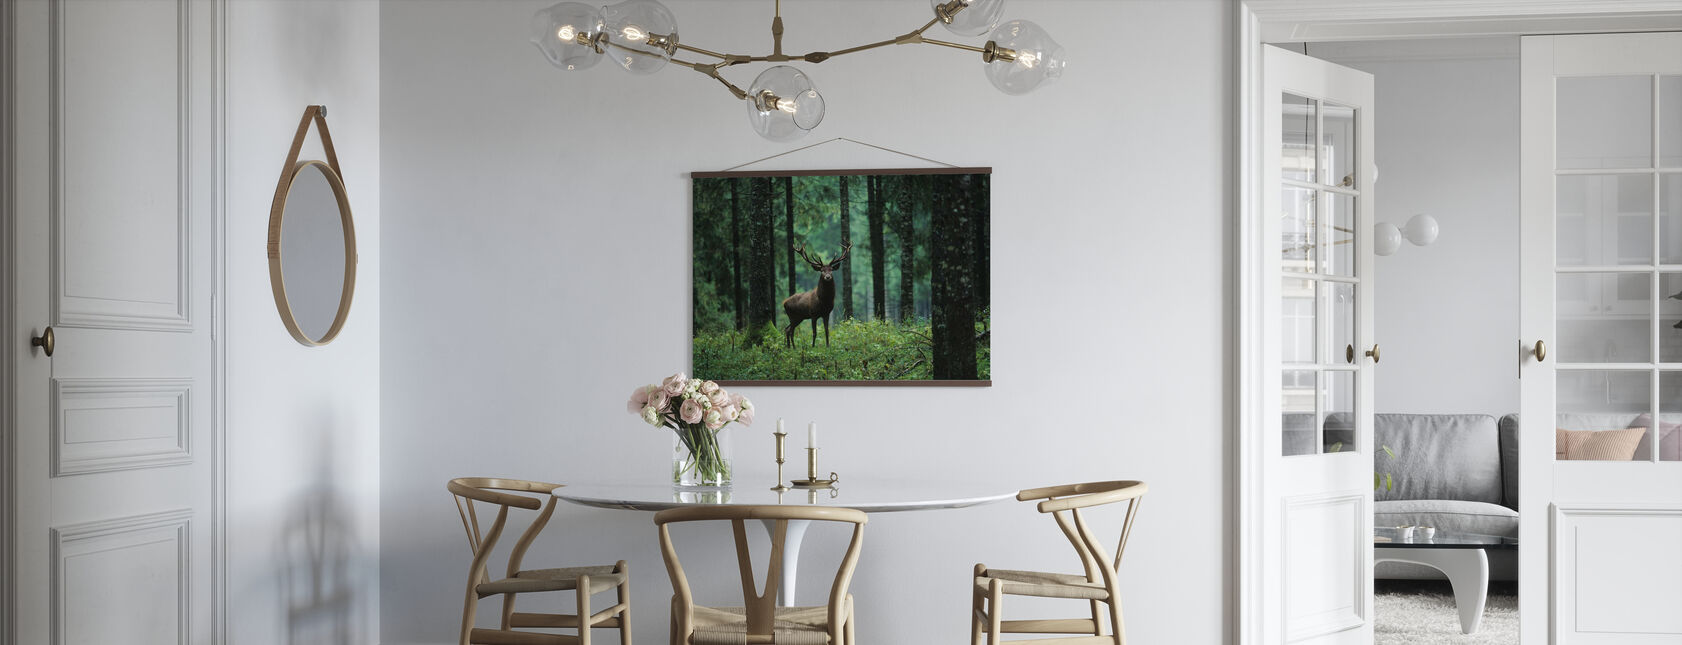 Elg i Skov - Plakat - Køkken